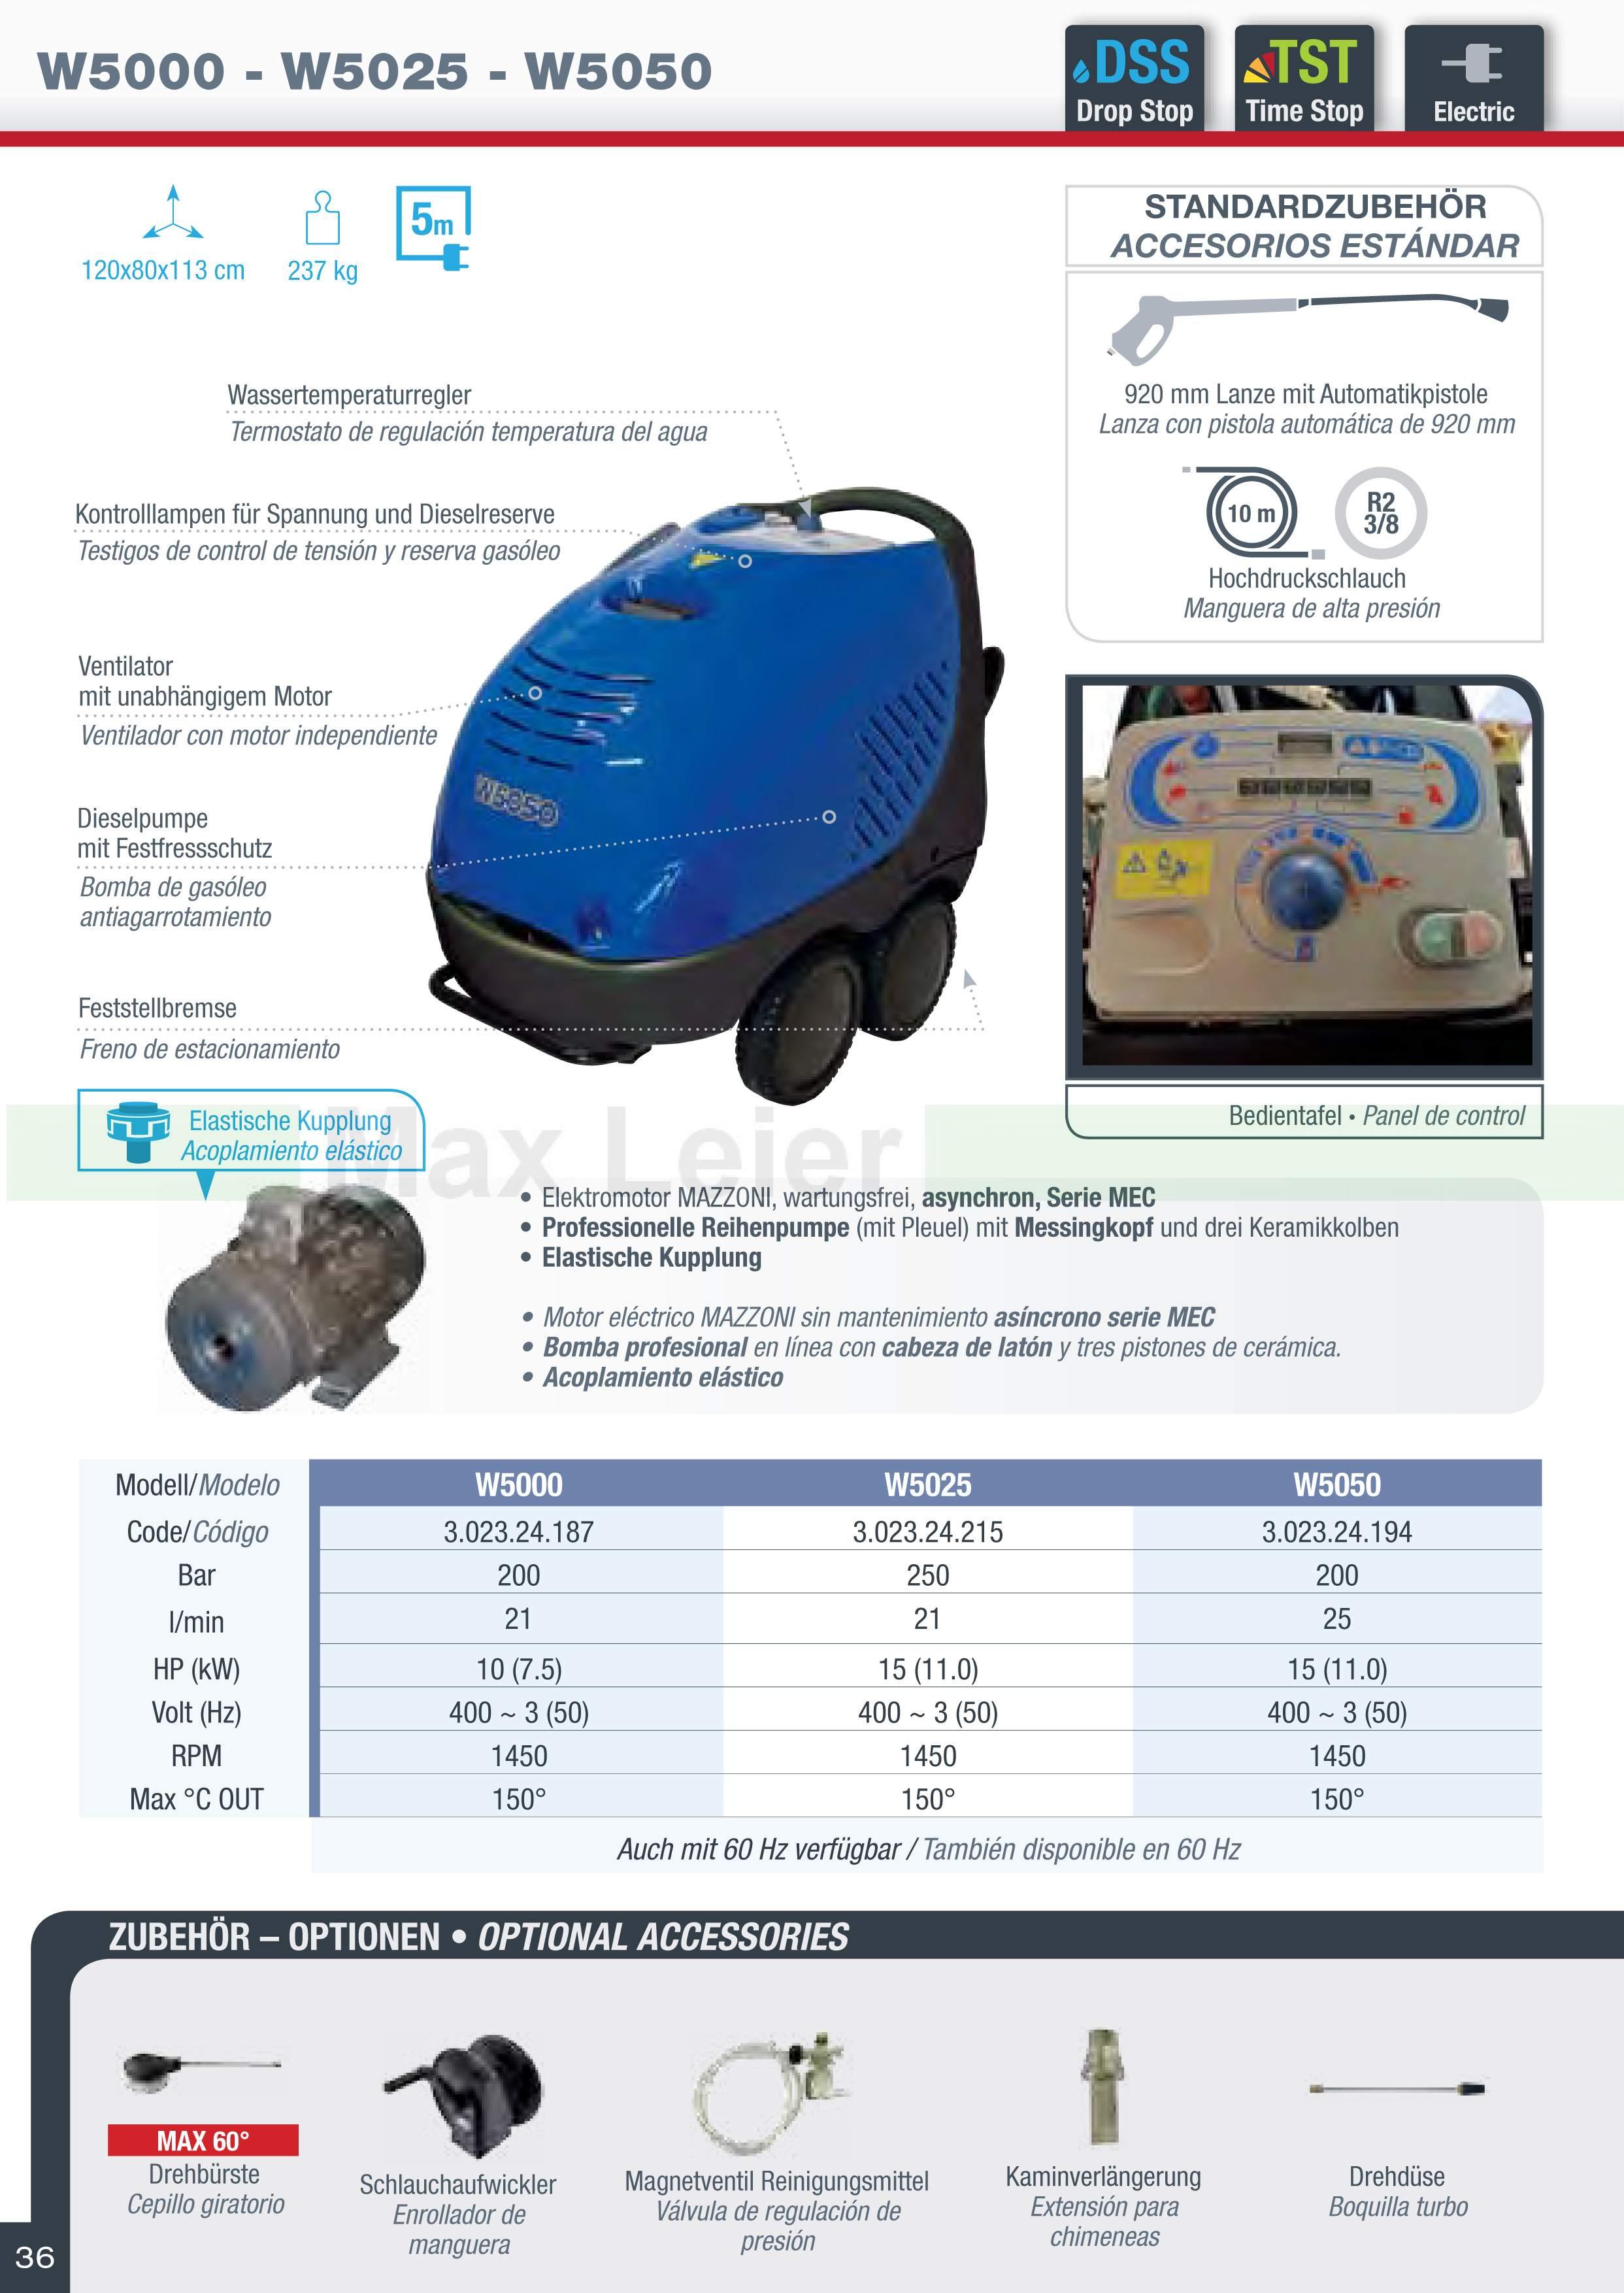 S36-Mazzoni-W500-W5025-W5050